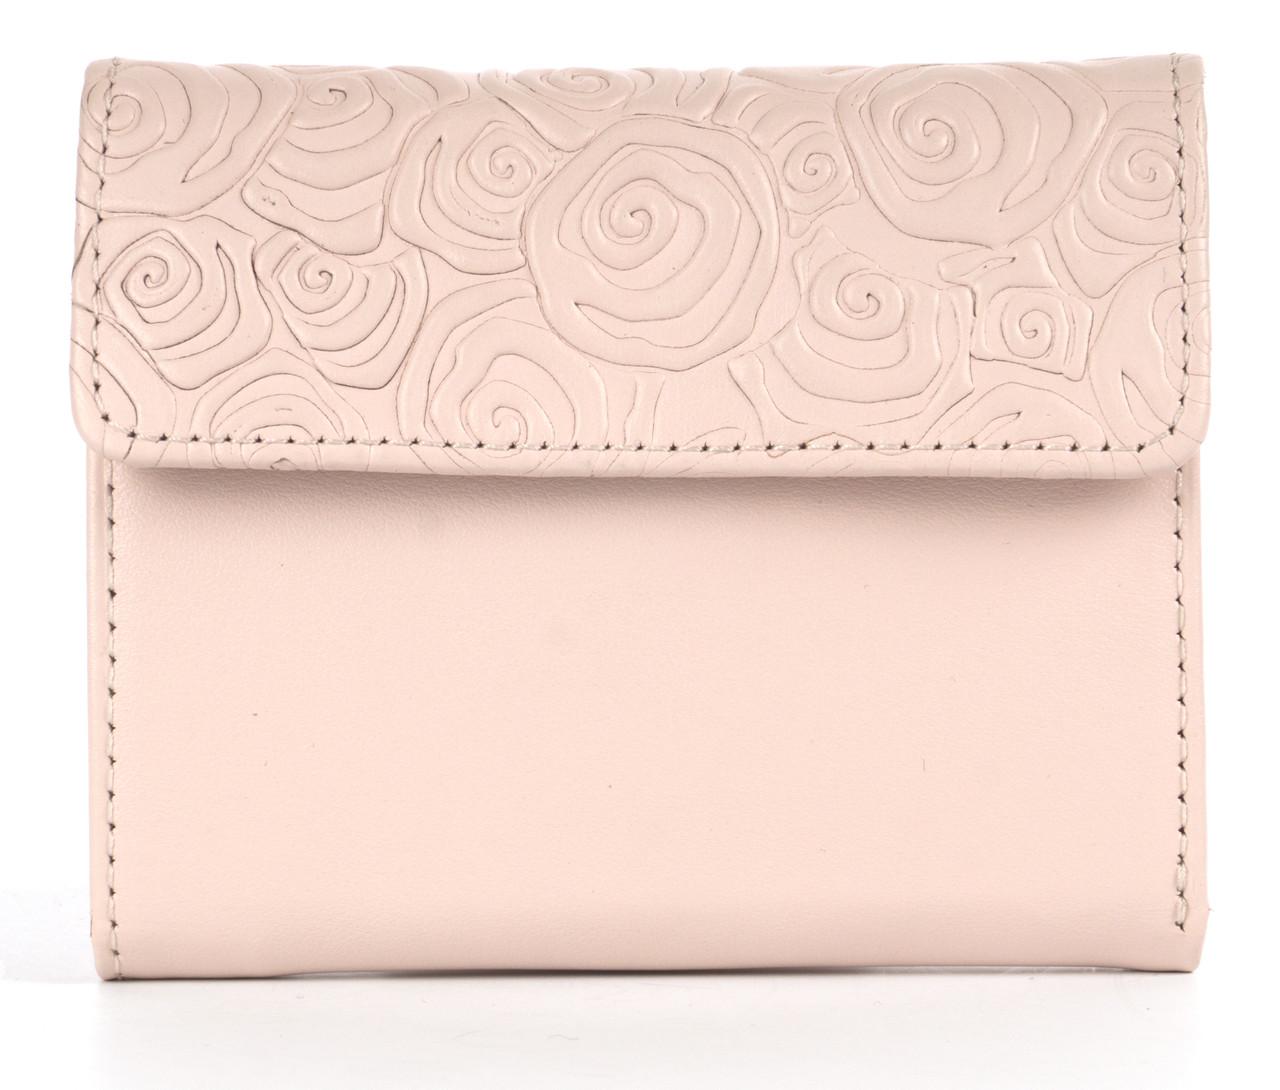 Жіночий шкіряний маленький якісний гаманець DeKOL art. Mia